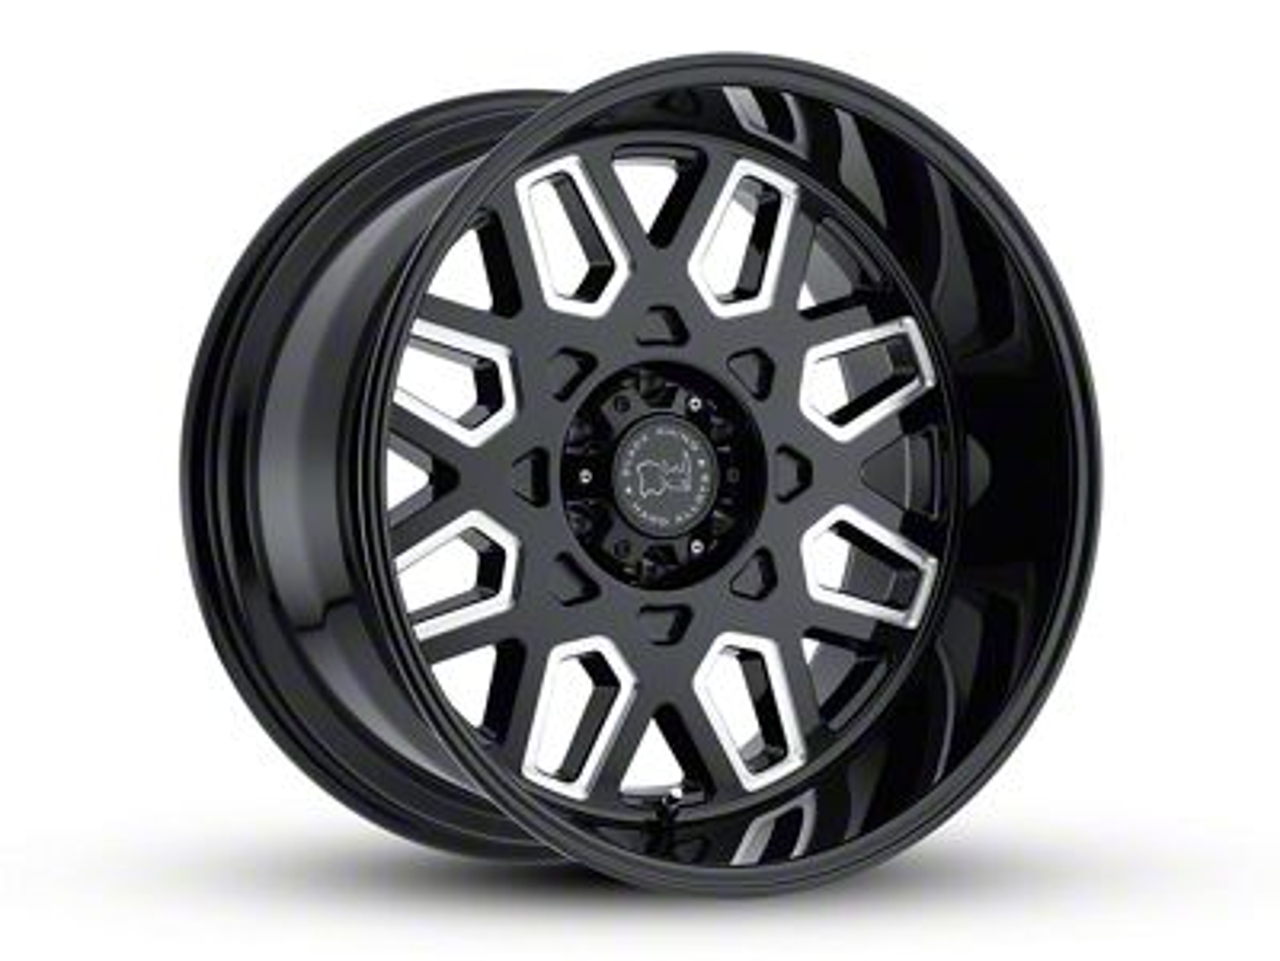 Black Rhino Predator Gloss Black Milled 6-Lug Wheel - 20x12 (99-18 Silverado 1500)